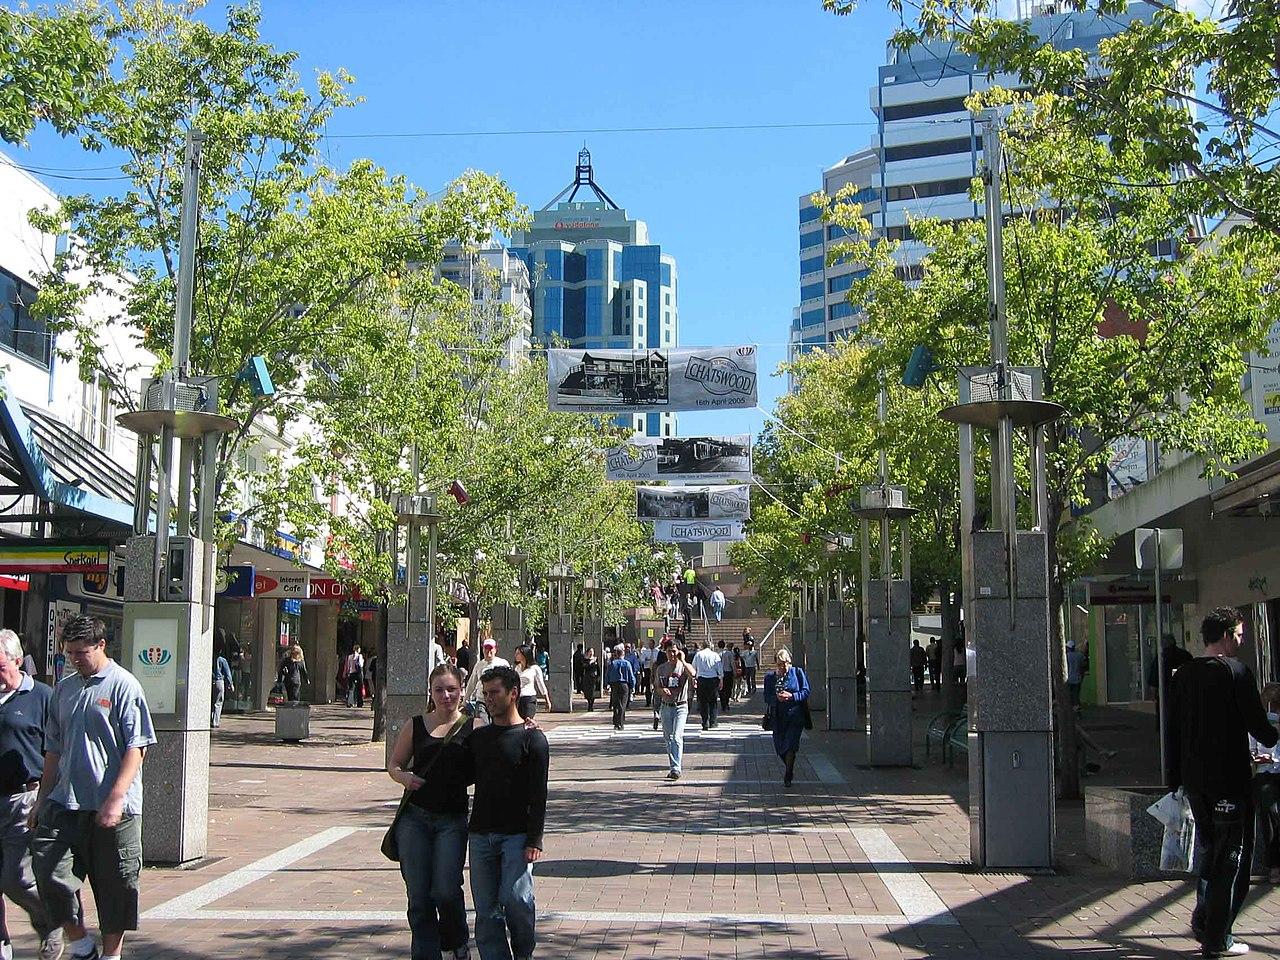 Victoria Avenue pedestrian mall